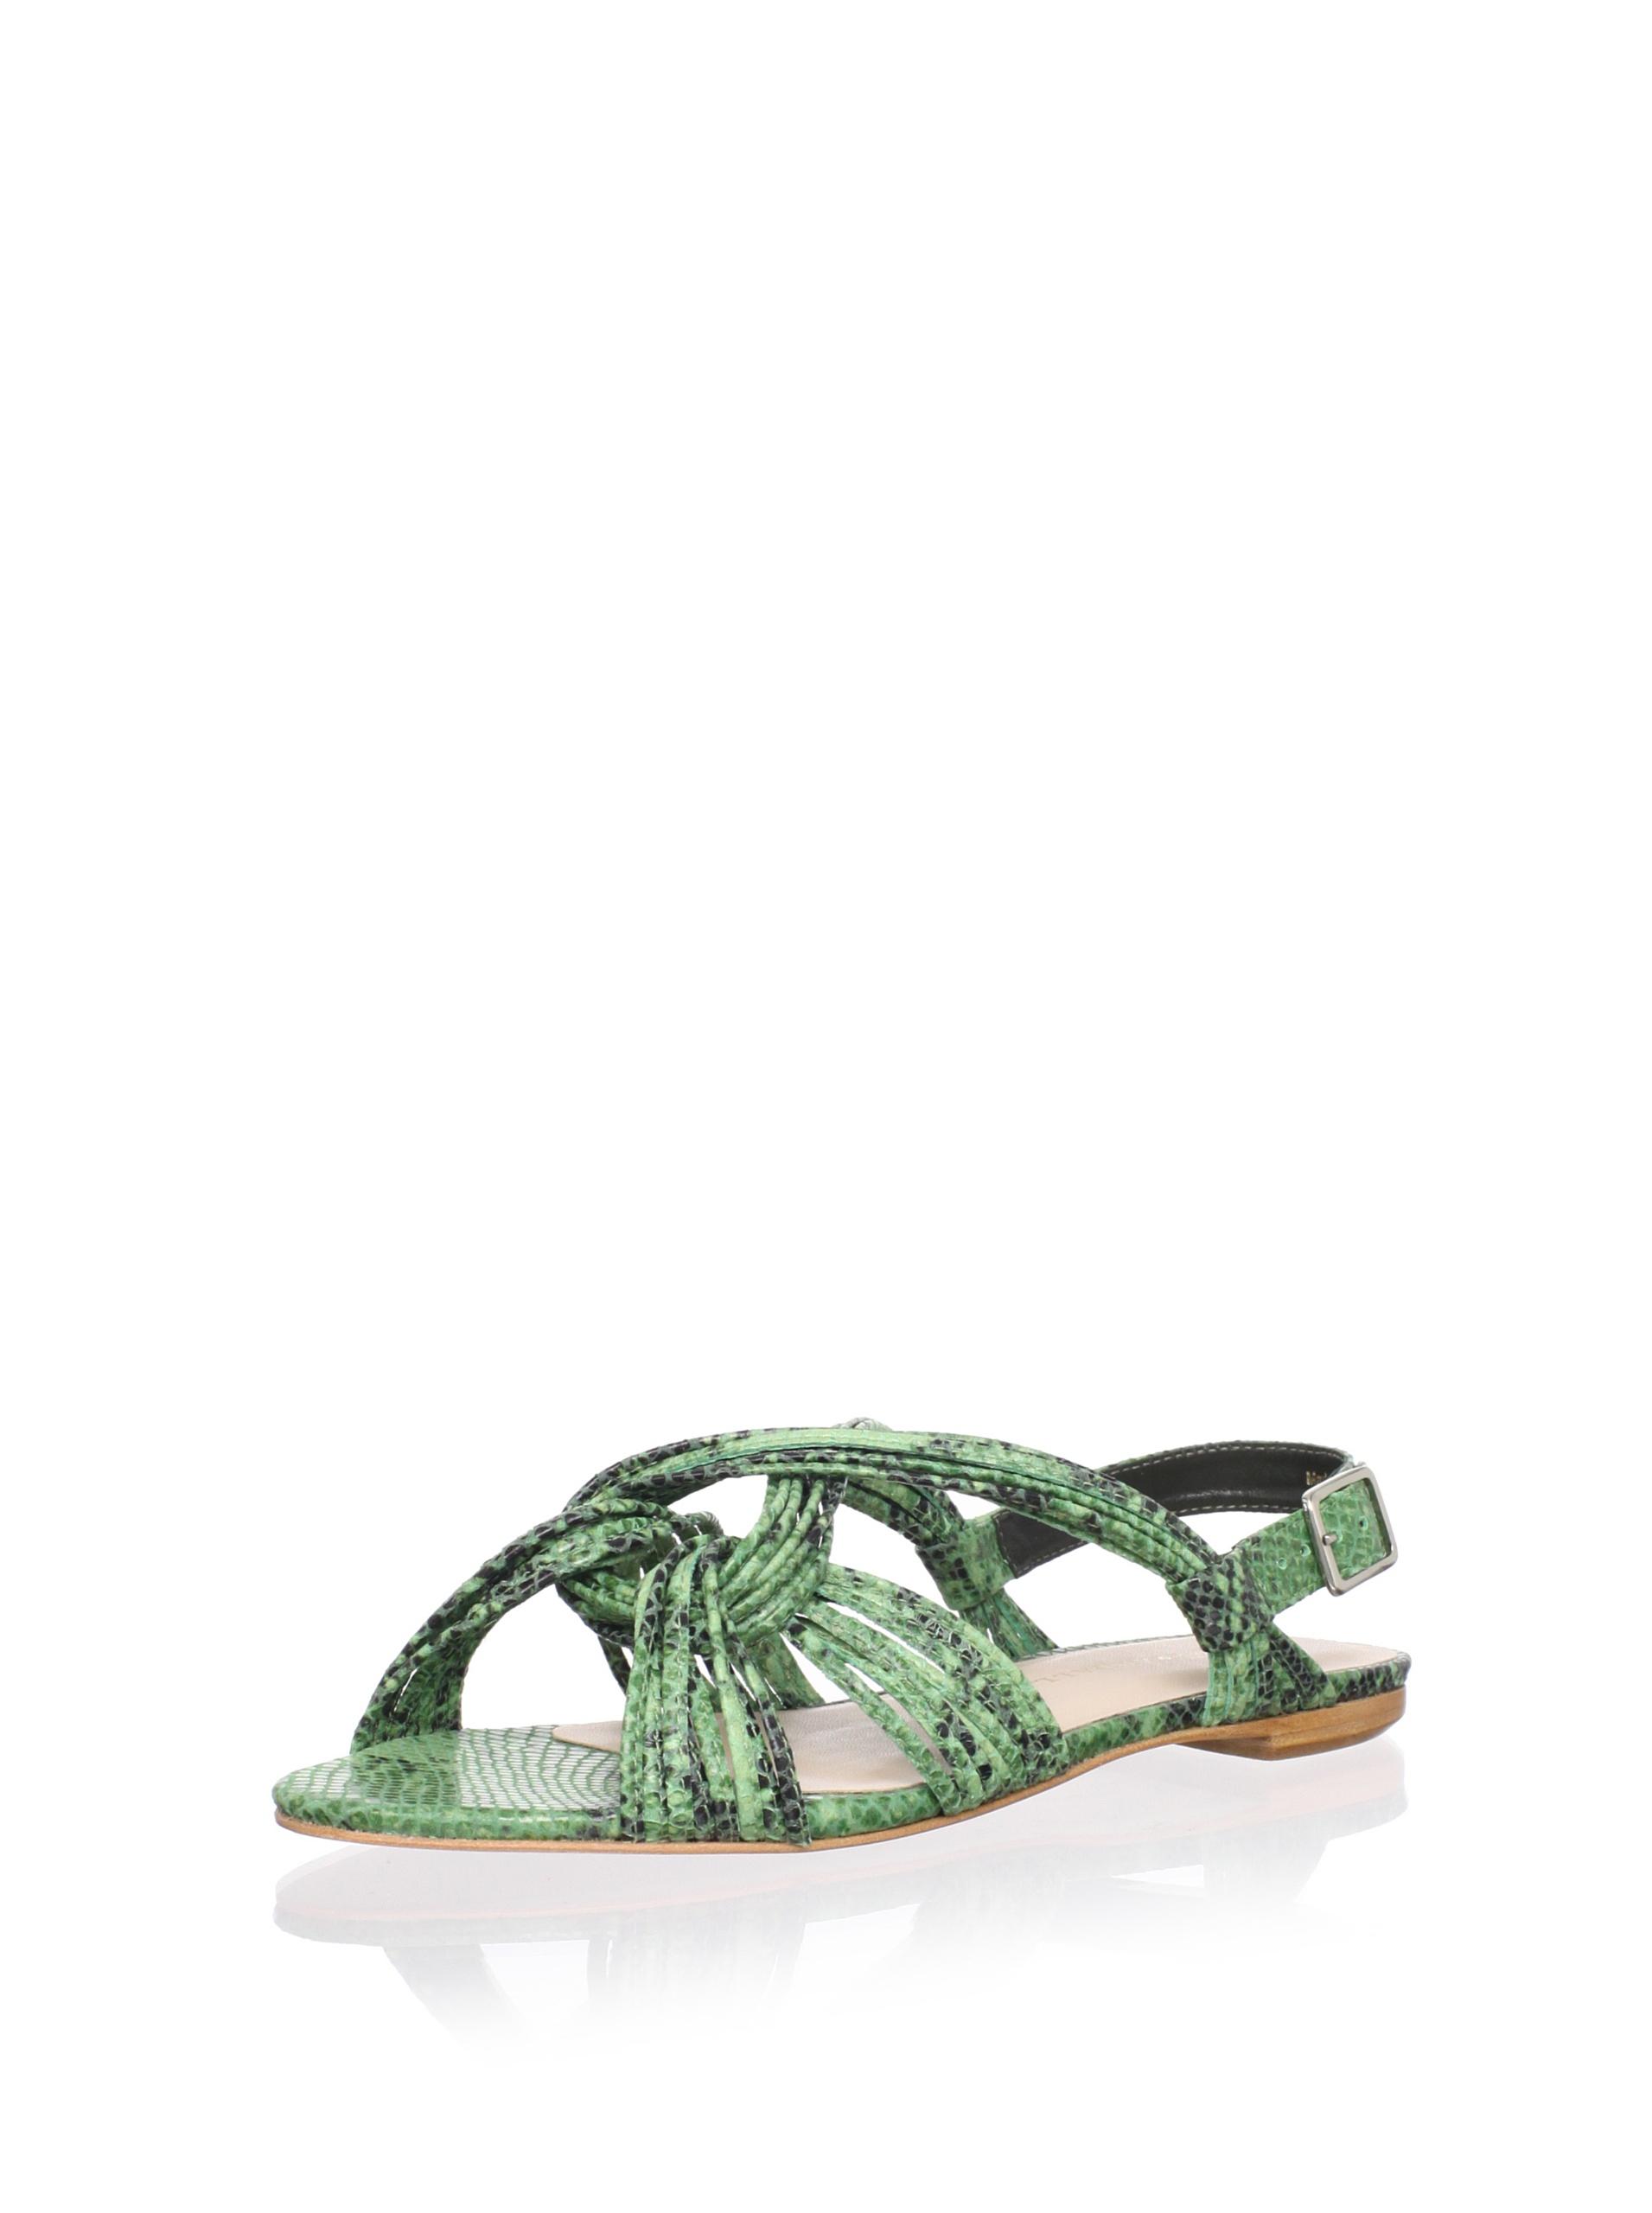 Loeffler Randall Women's Filippa Ankle-Strap Sandal (Bottle)